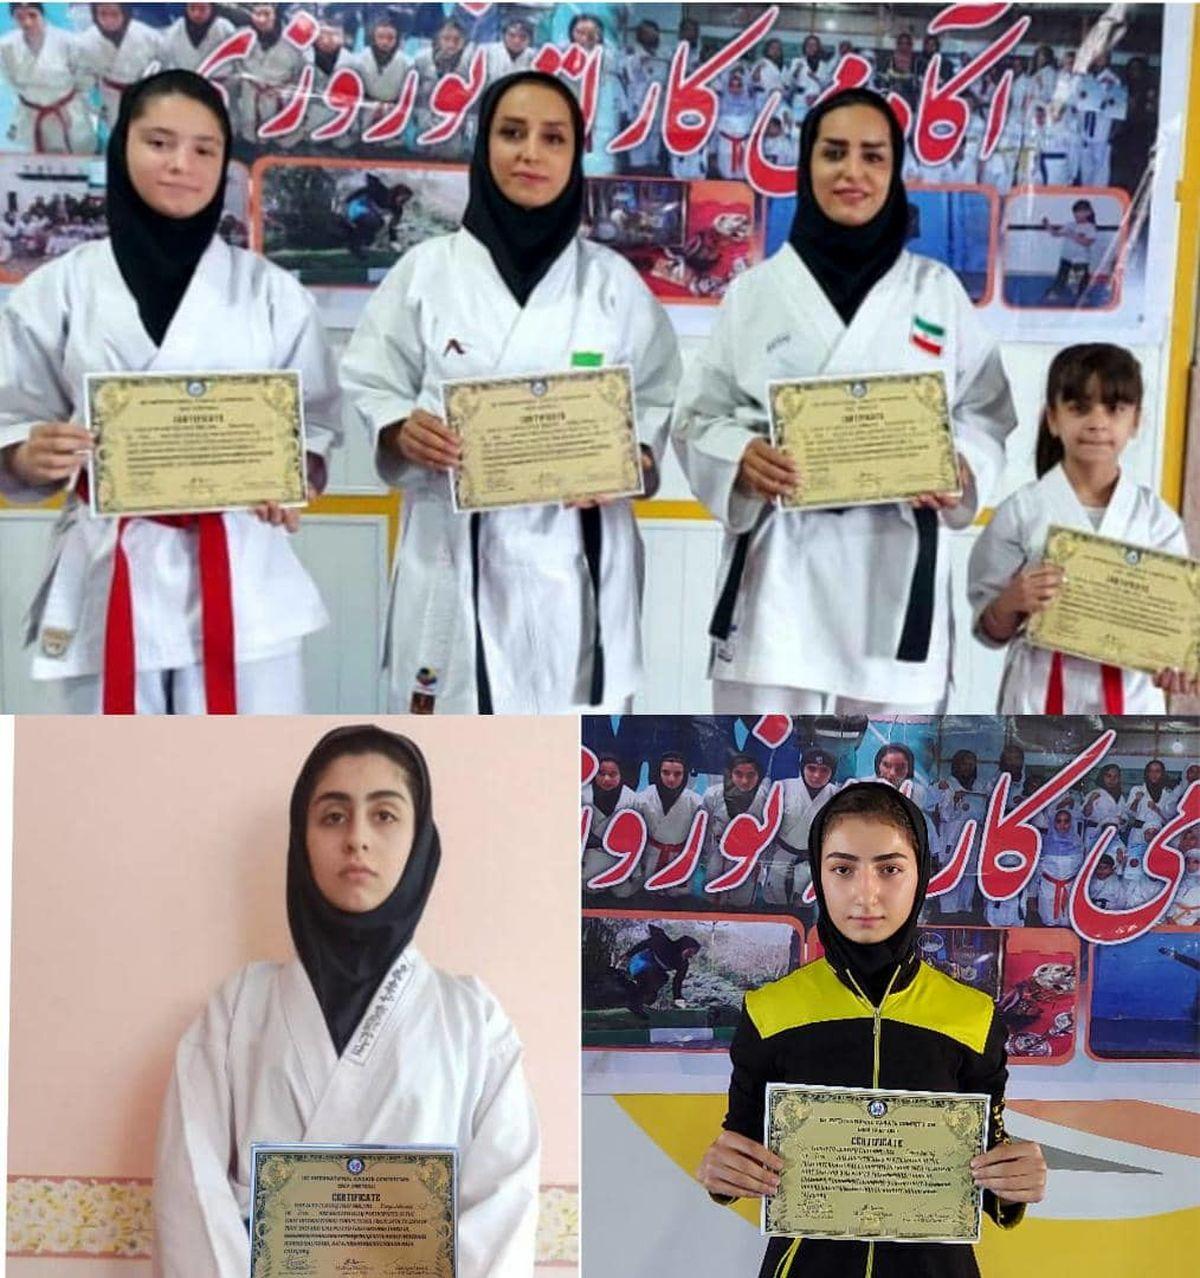 درخشش کاراته کاران دختر تبریزی در مسابقات بین المللی کاراته سبک lSKO